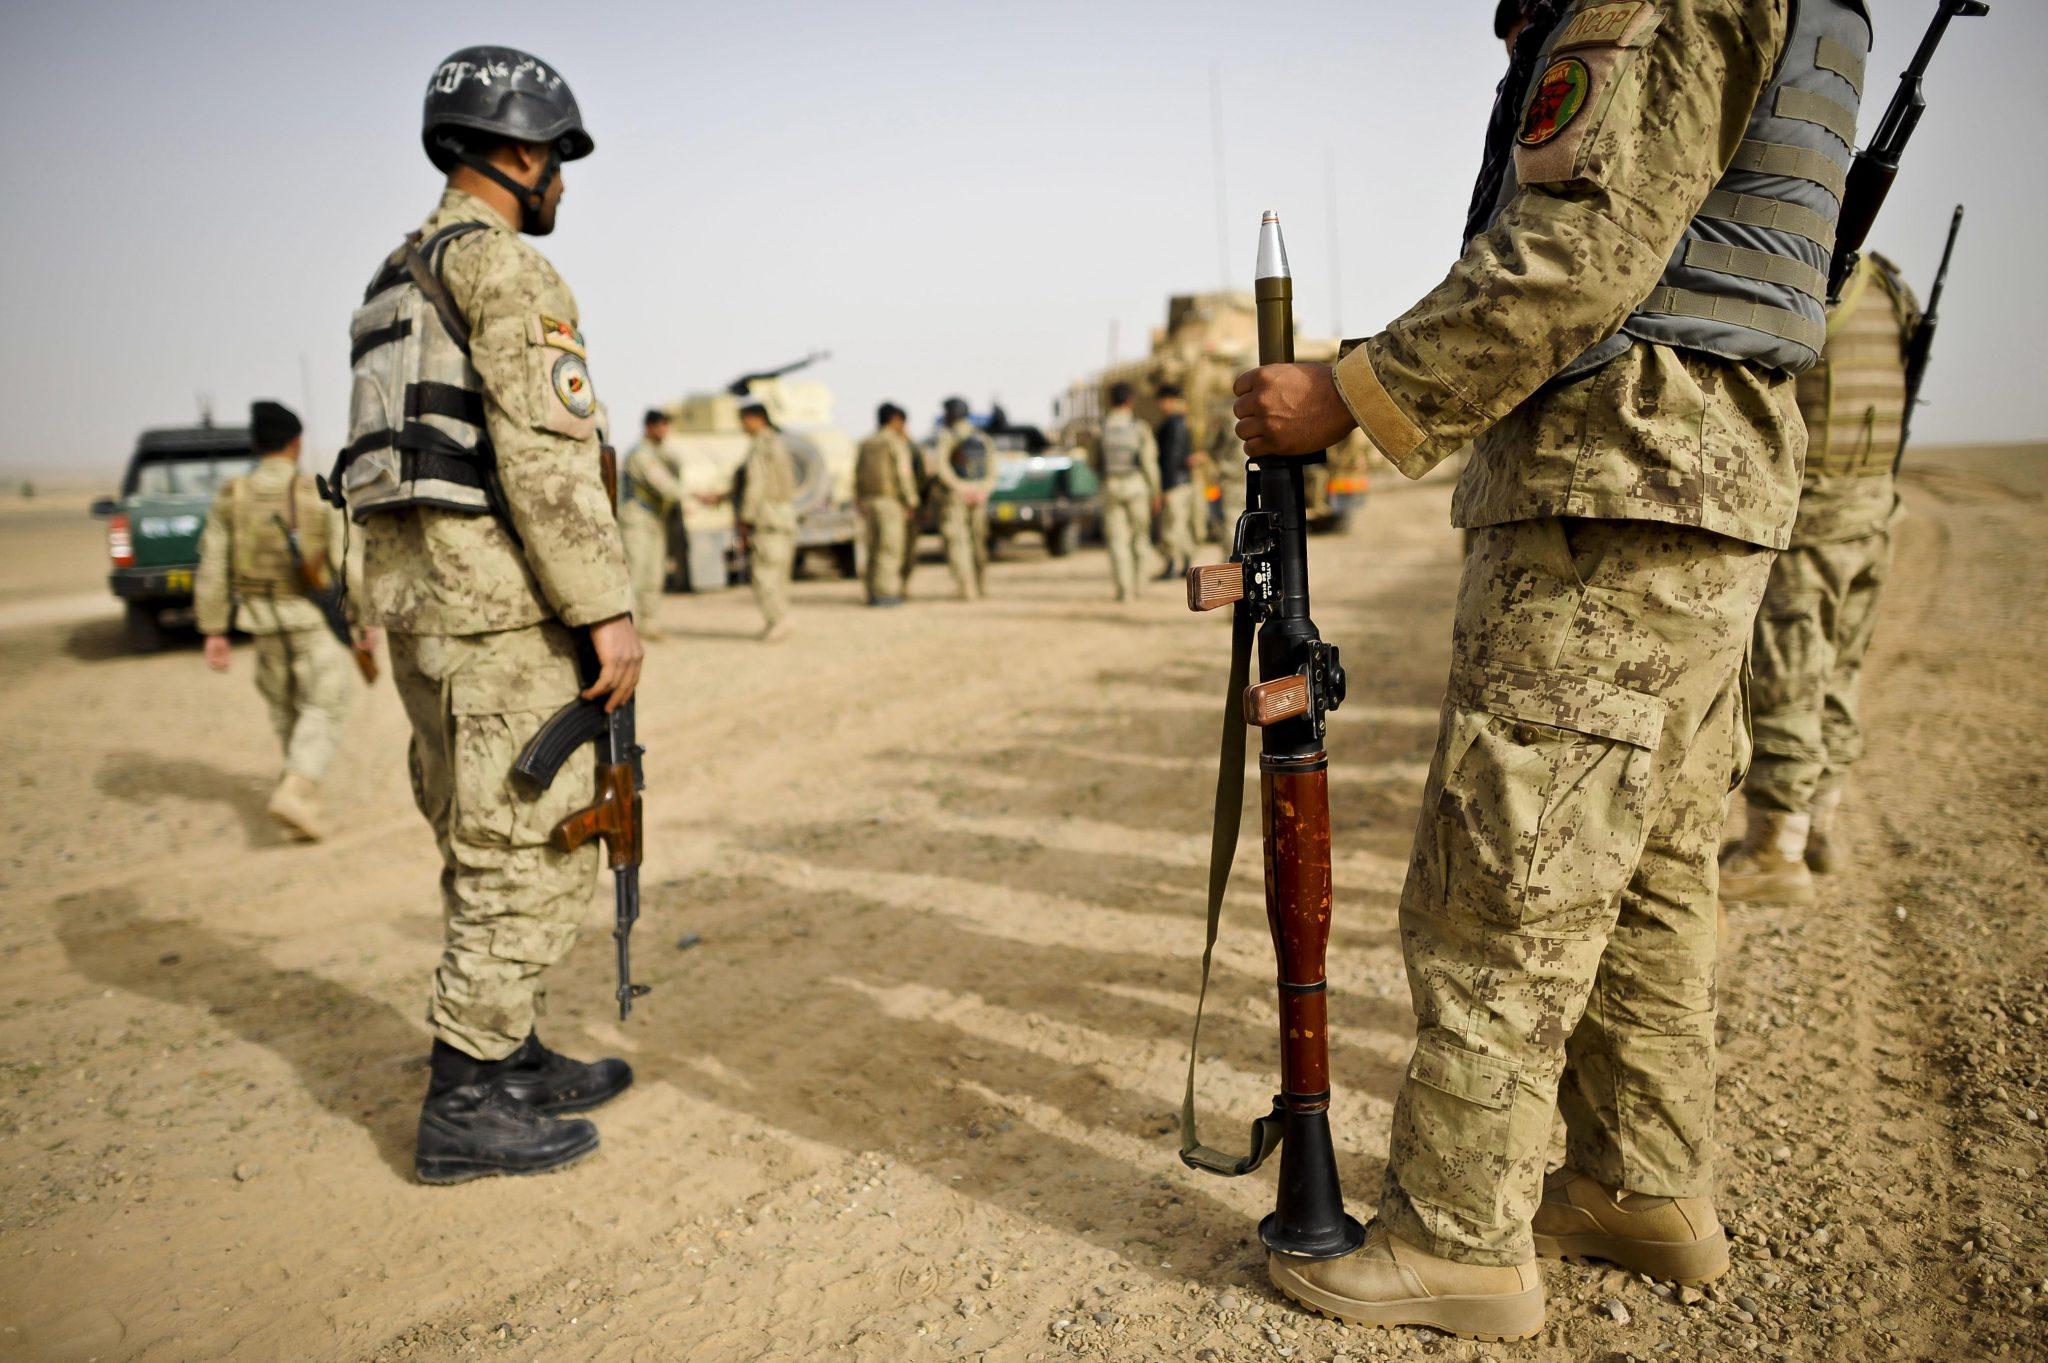 Afghanische Sicherheitskräfte: Ein Ex-KSK-Soldat prangert die Zustände bei den Verbündeten an (Archivbild) Foto: picture alliance / empics